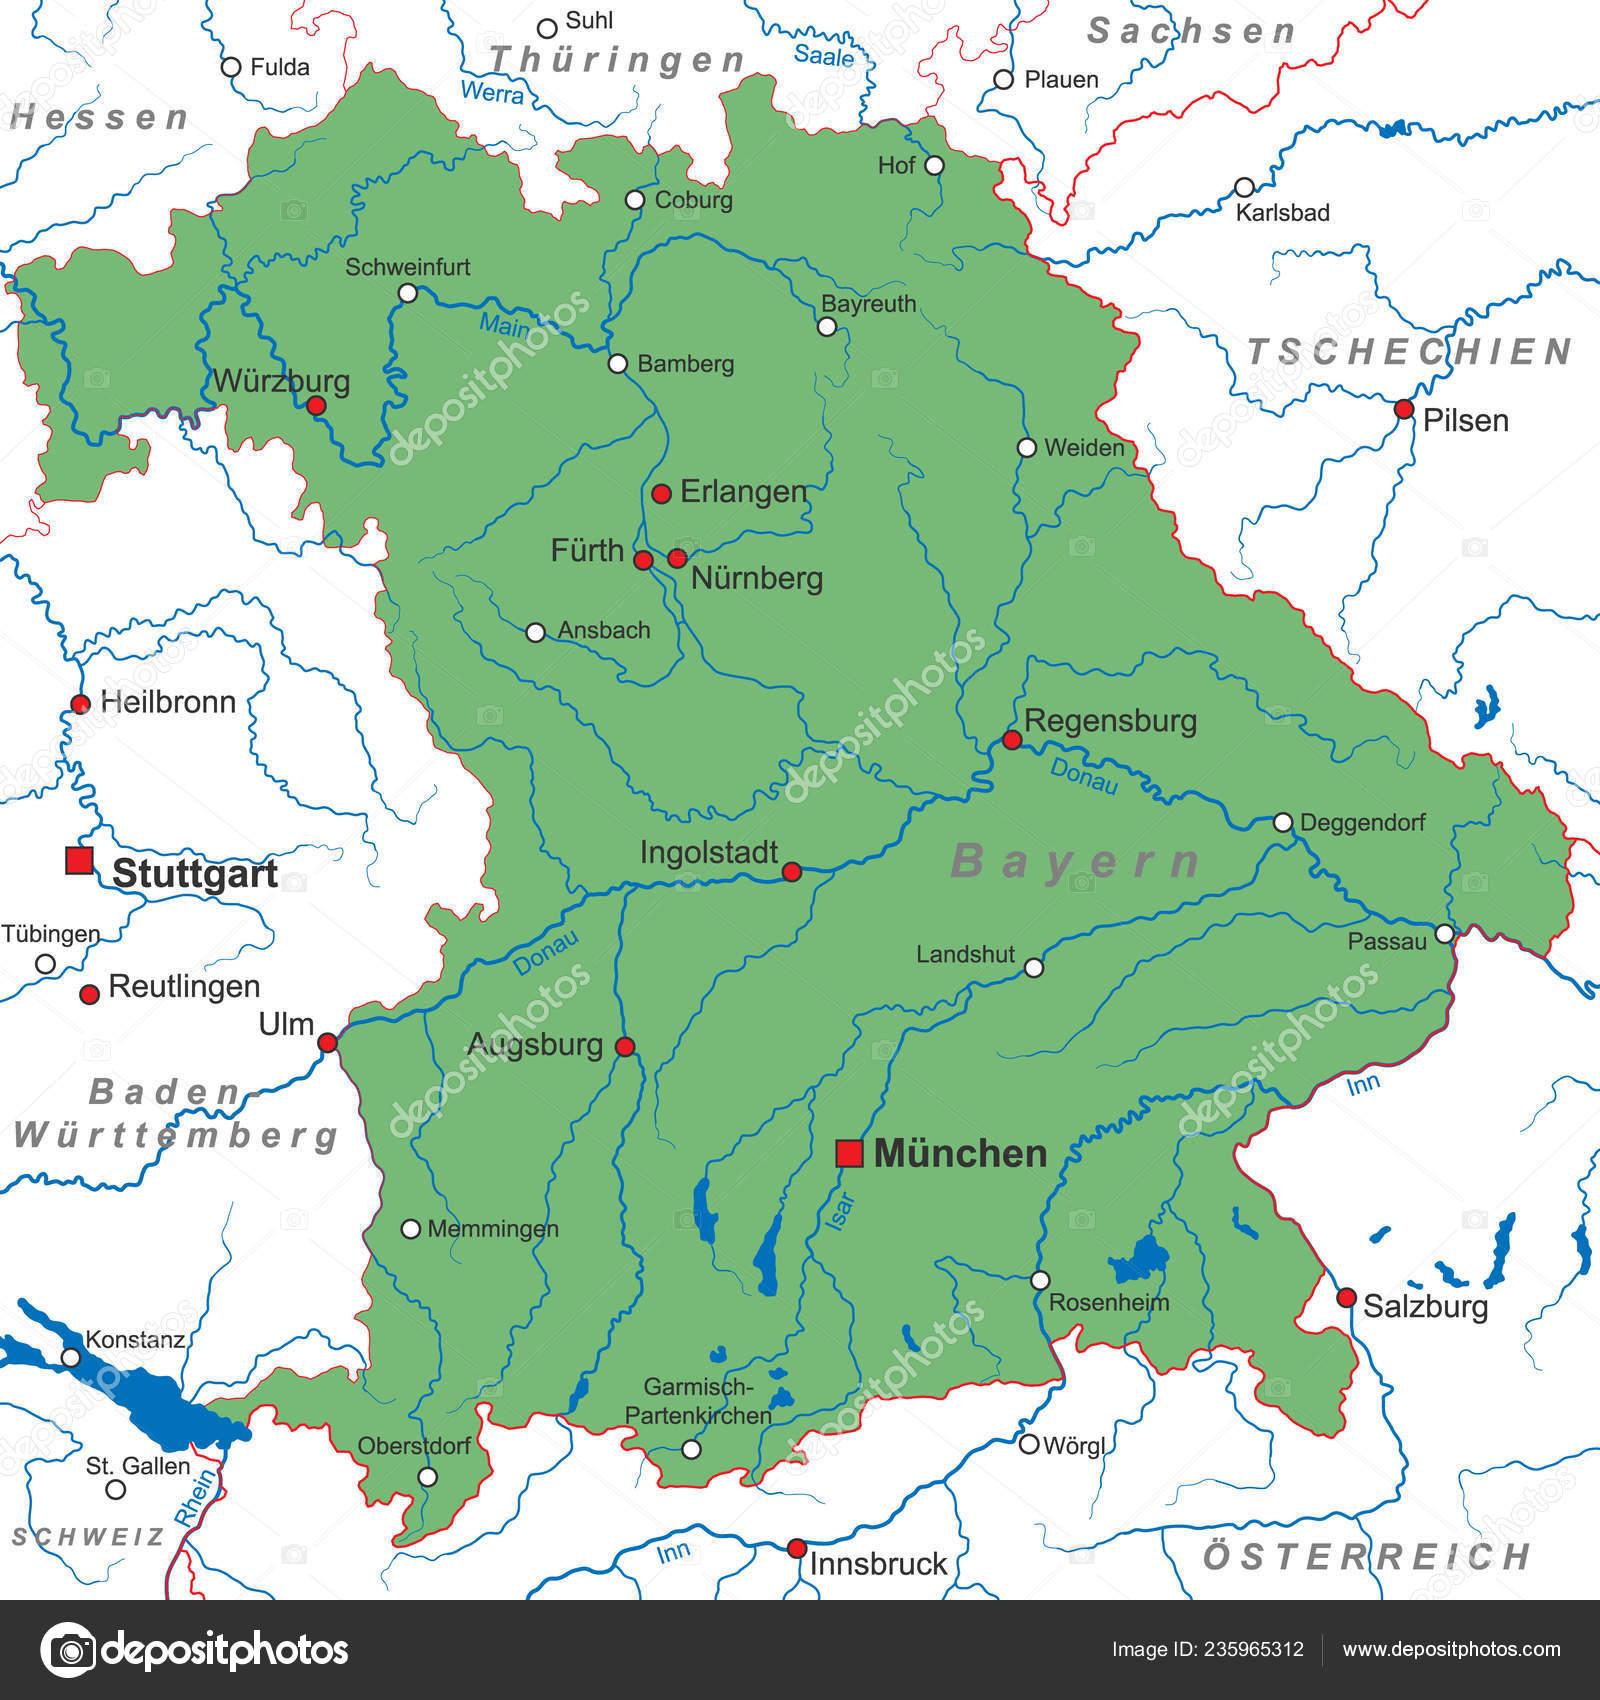 Karte Bayern.Bayern Karte Von Deutschland Hoch Detailliert Stockvektor Ii